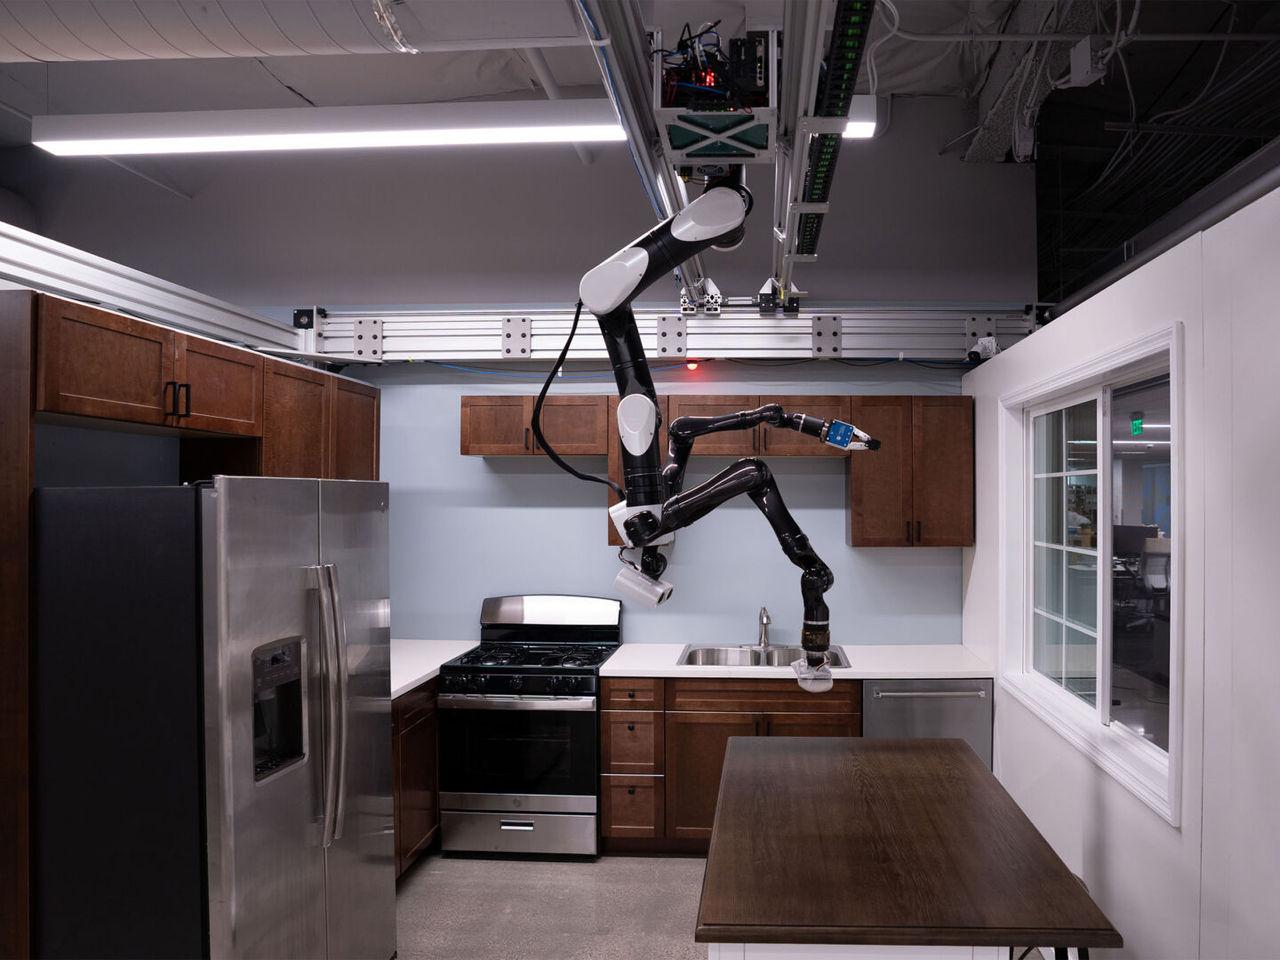 Toyotas senaste robot hänger från taket